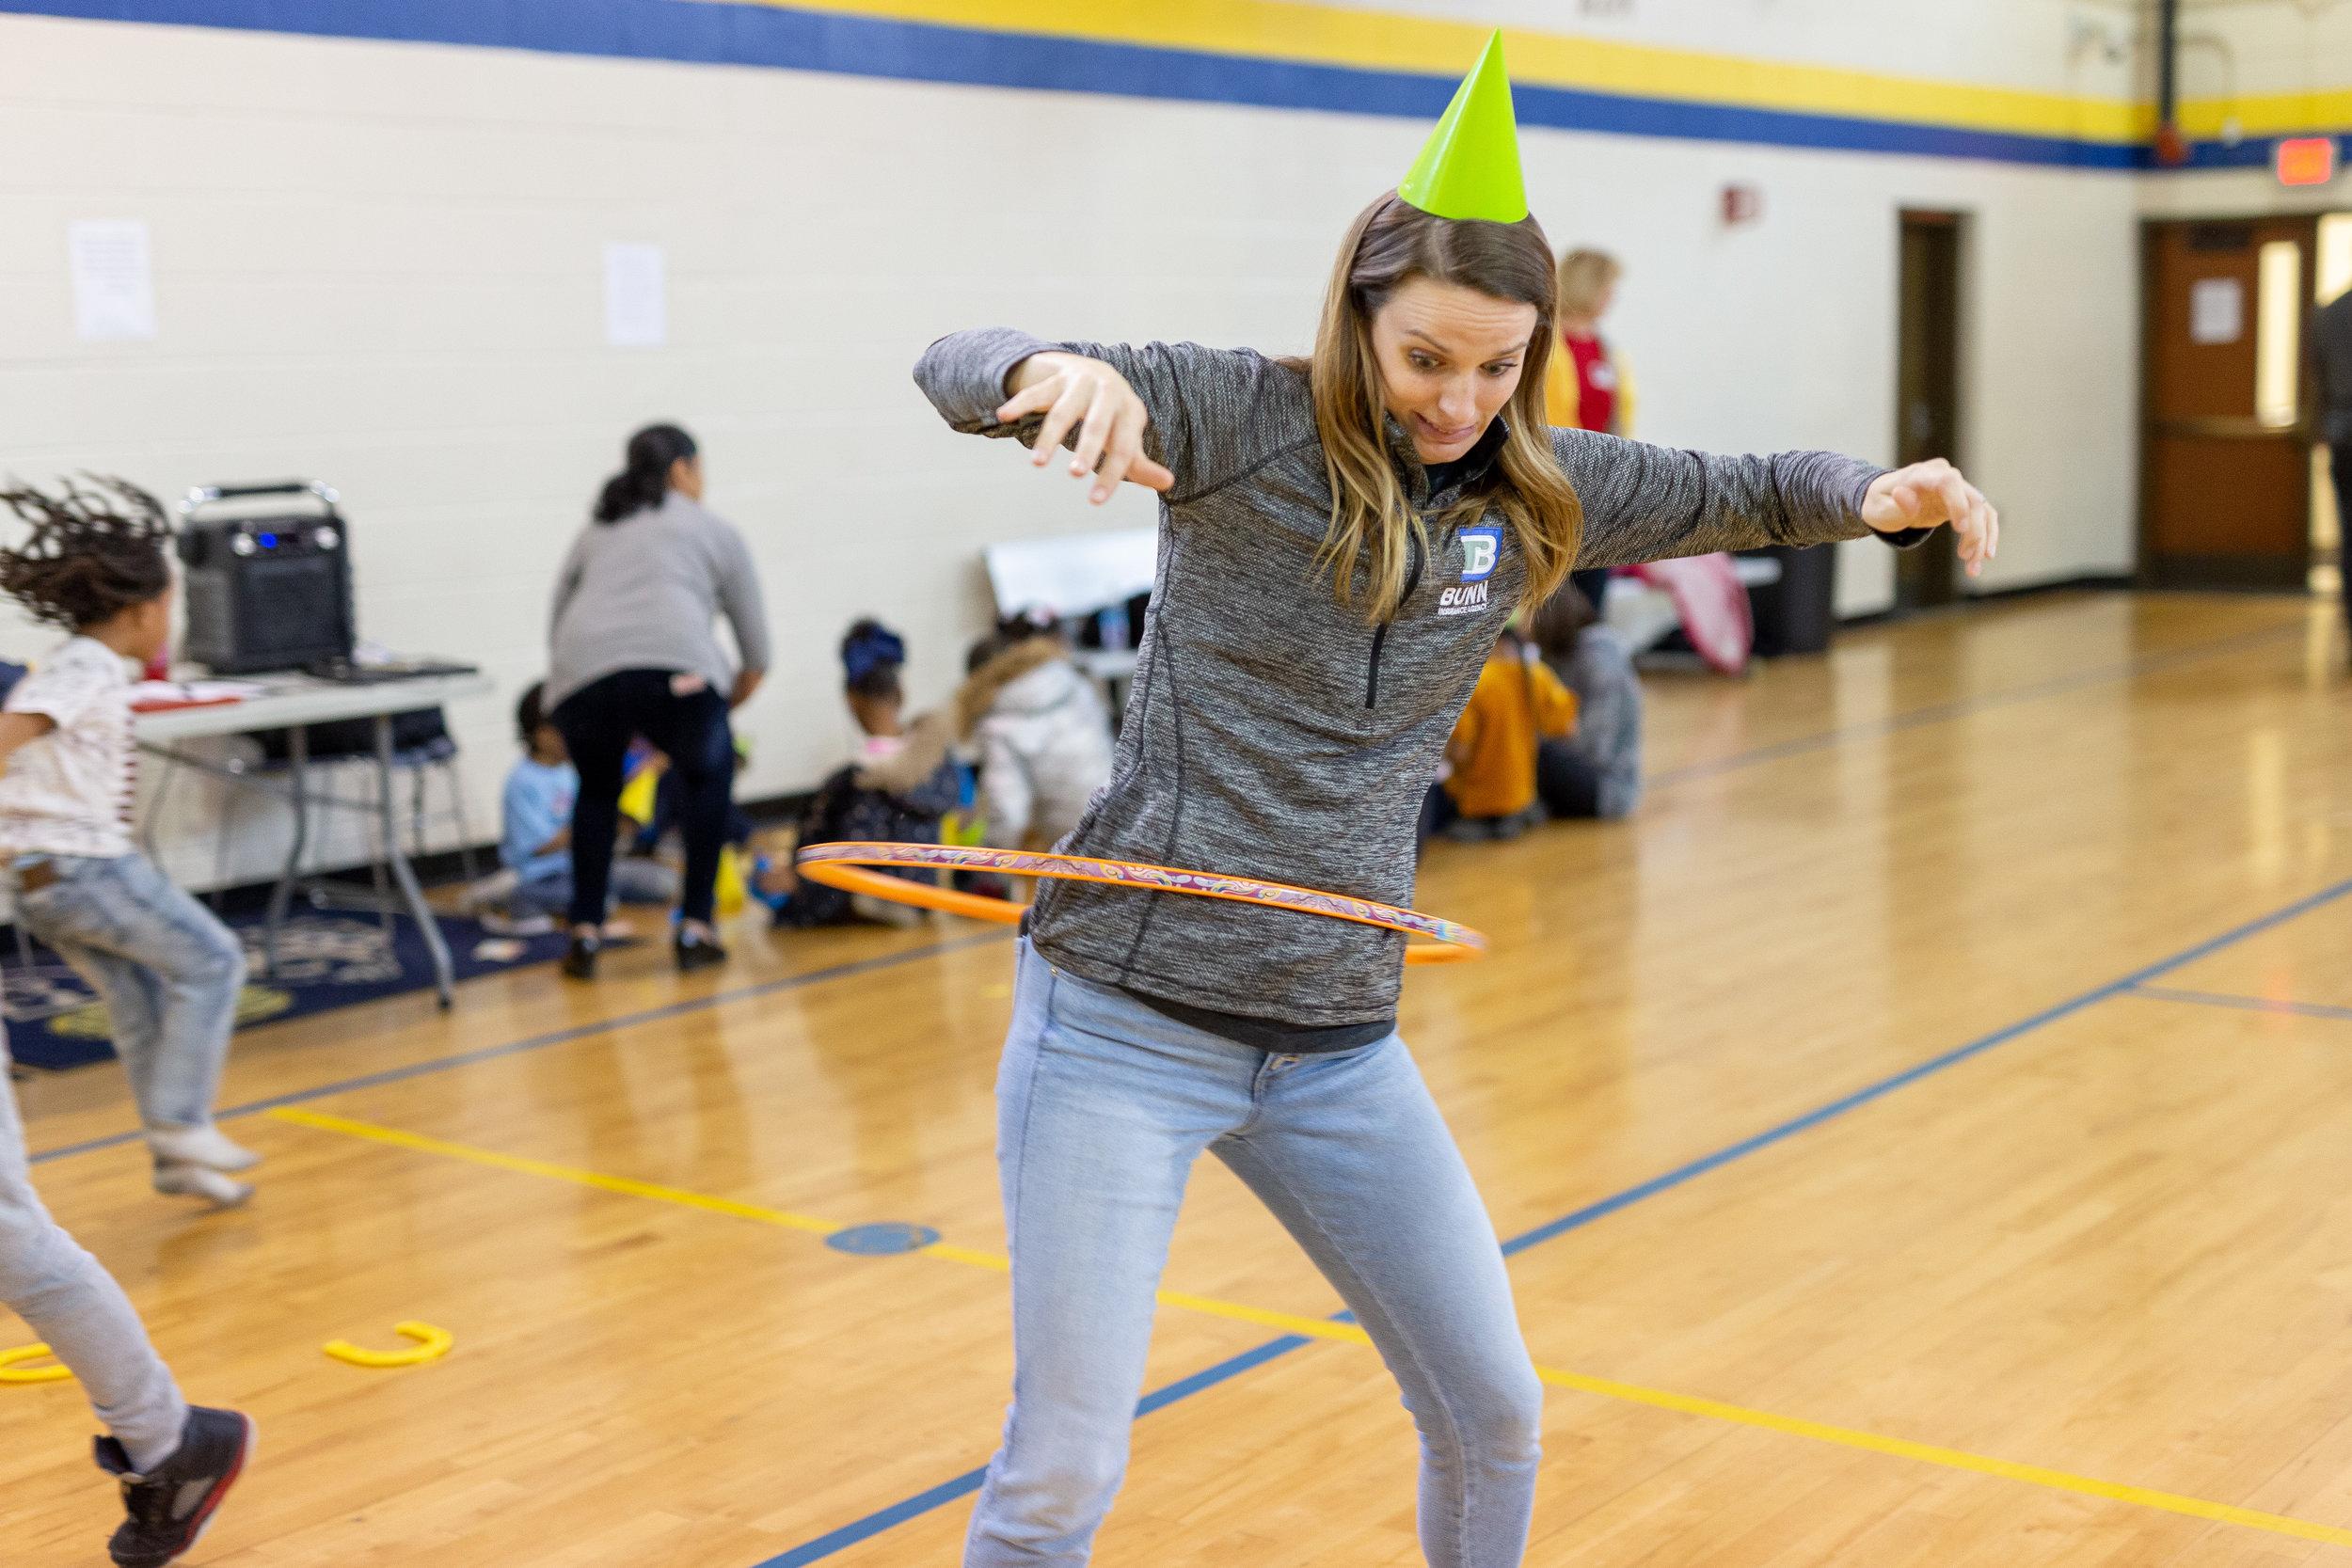 volunteer with hula hoop.jpg